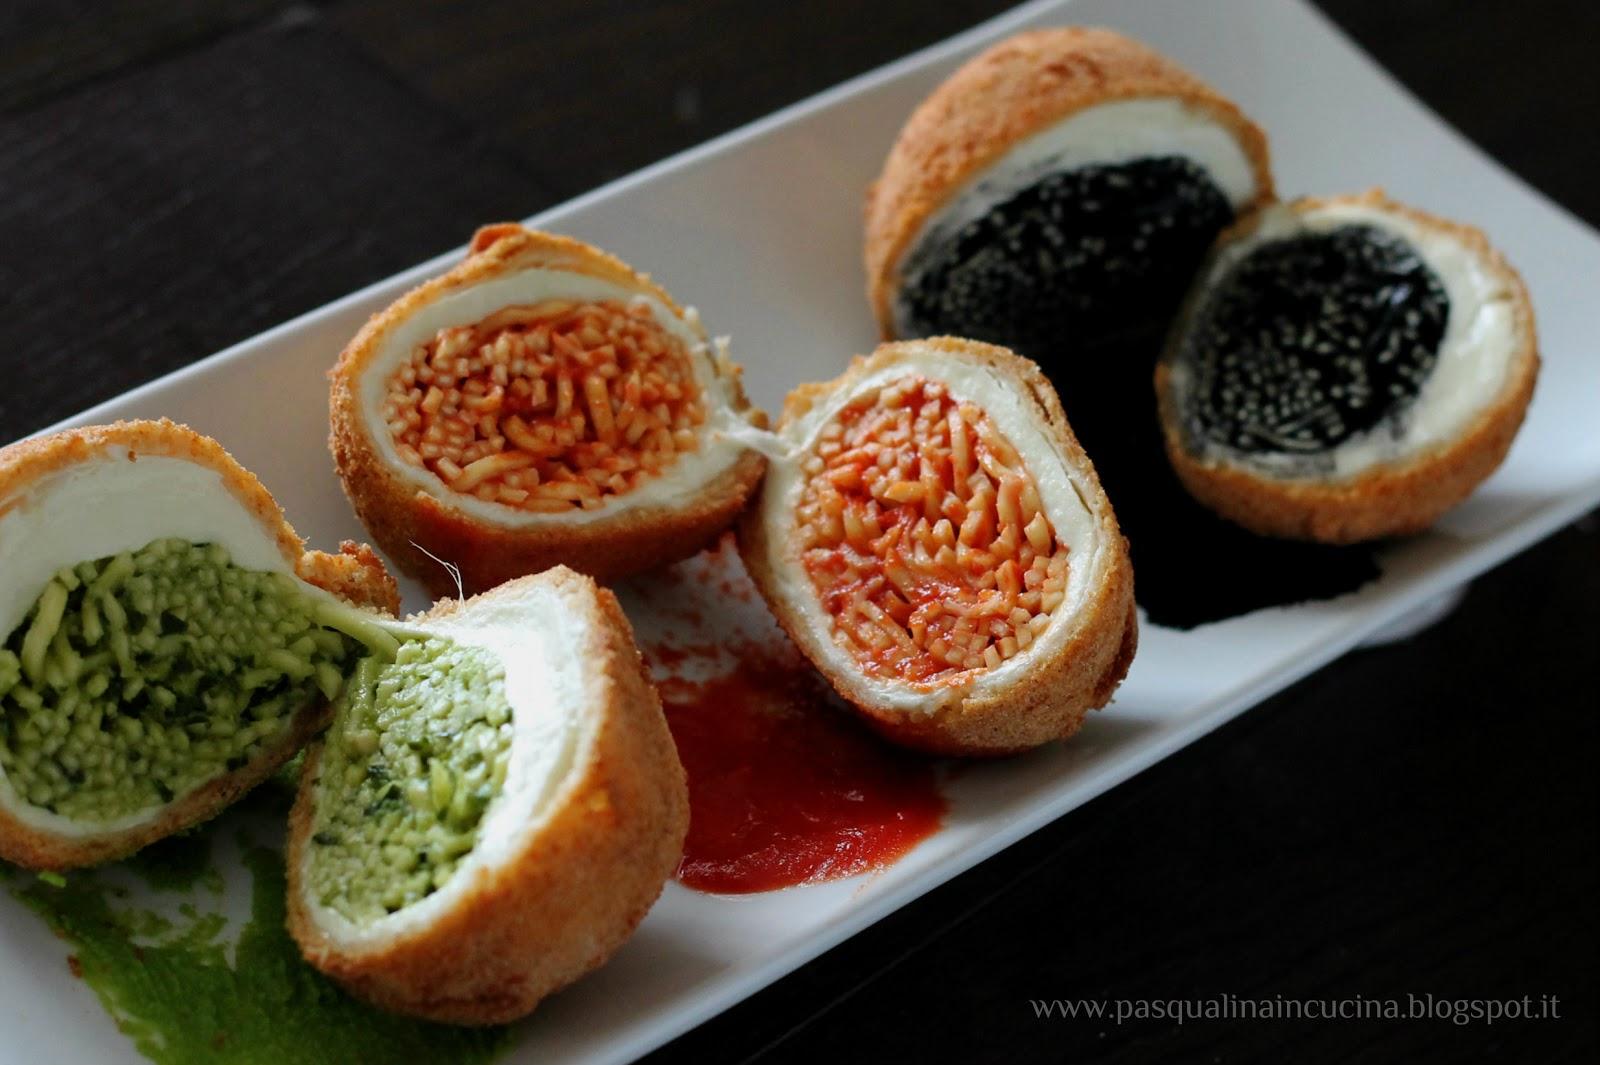 Pasqualina in cucina: Palle di mozzarella dorate con tagliolini ...